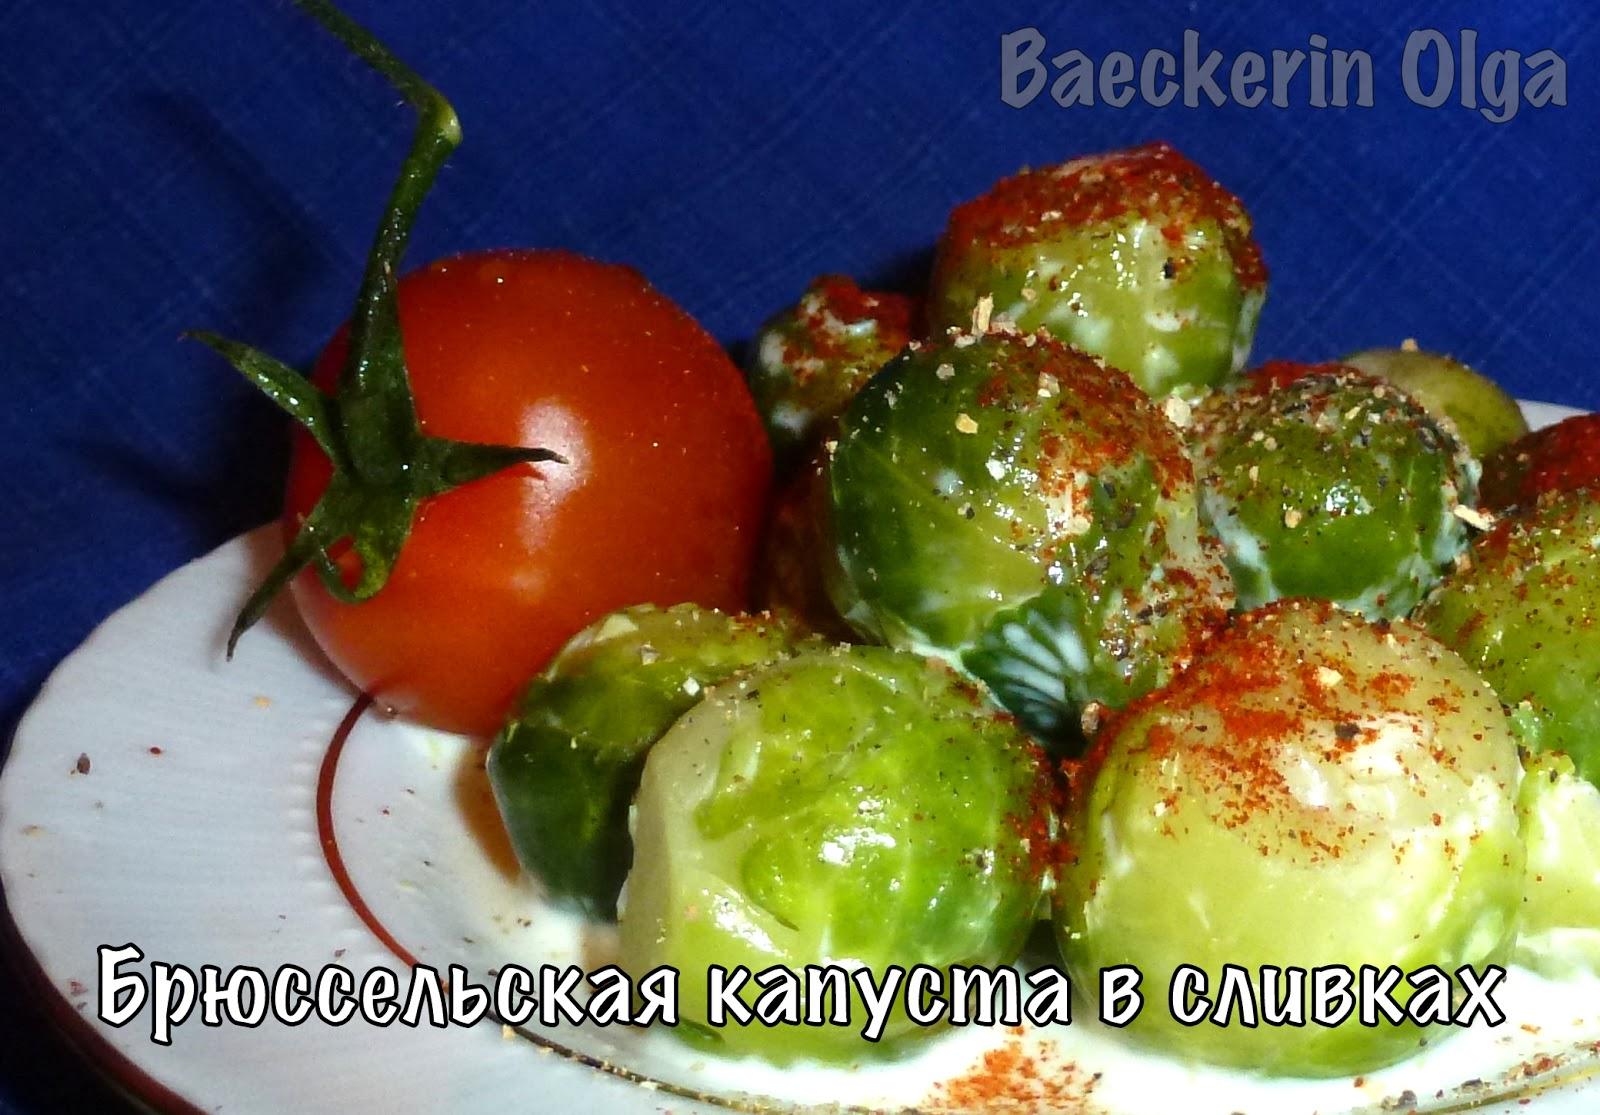 Брюссельская капуста рецепты приготовления на сковороде пошагово